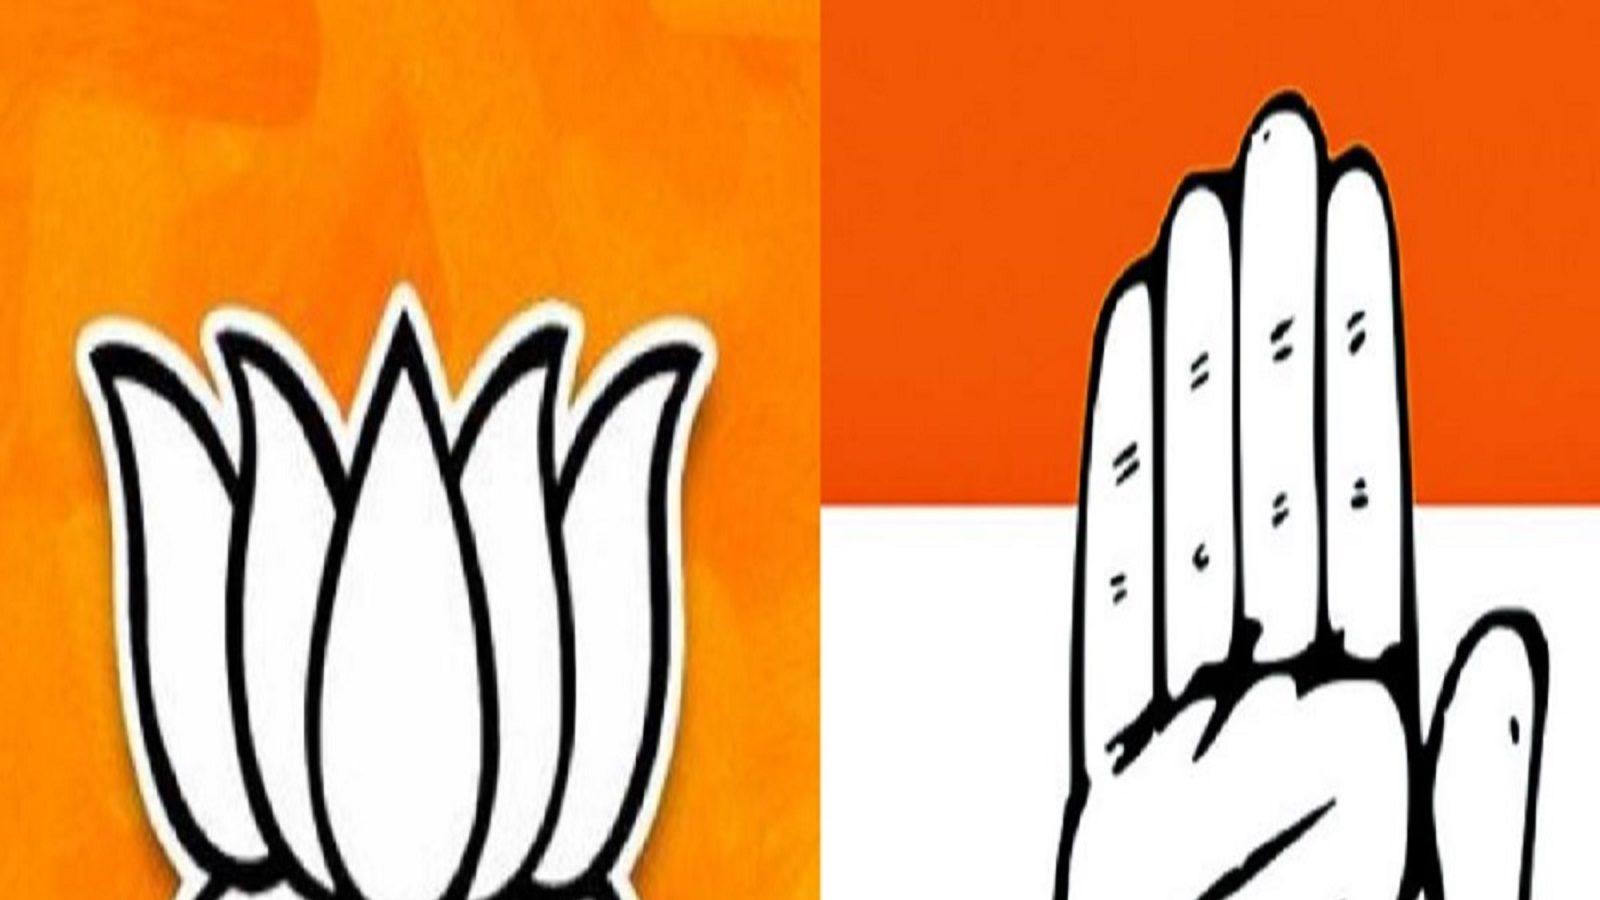 MP Assembly Election 2023 : मैदान में उतरने से पहले ही बीजेपी से पिछड़ गयी कांग्रेस